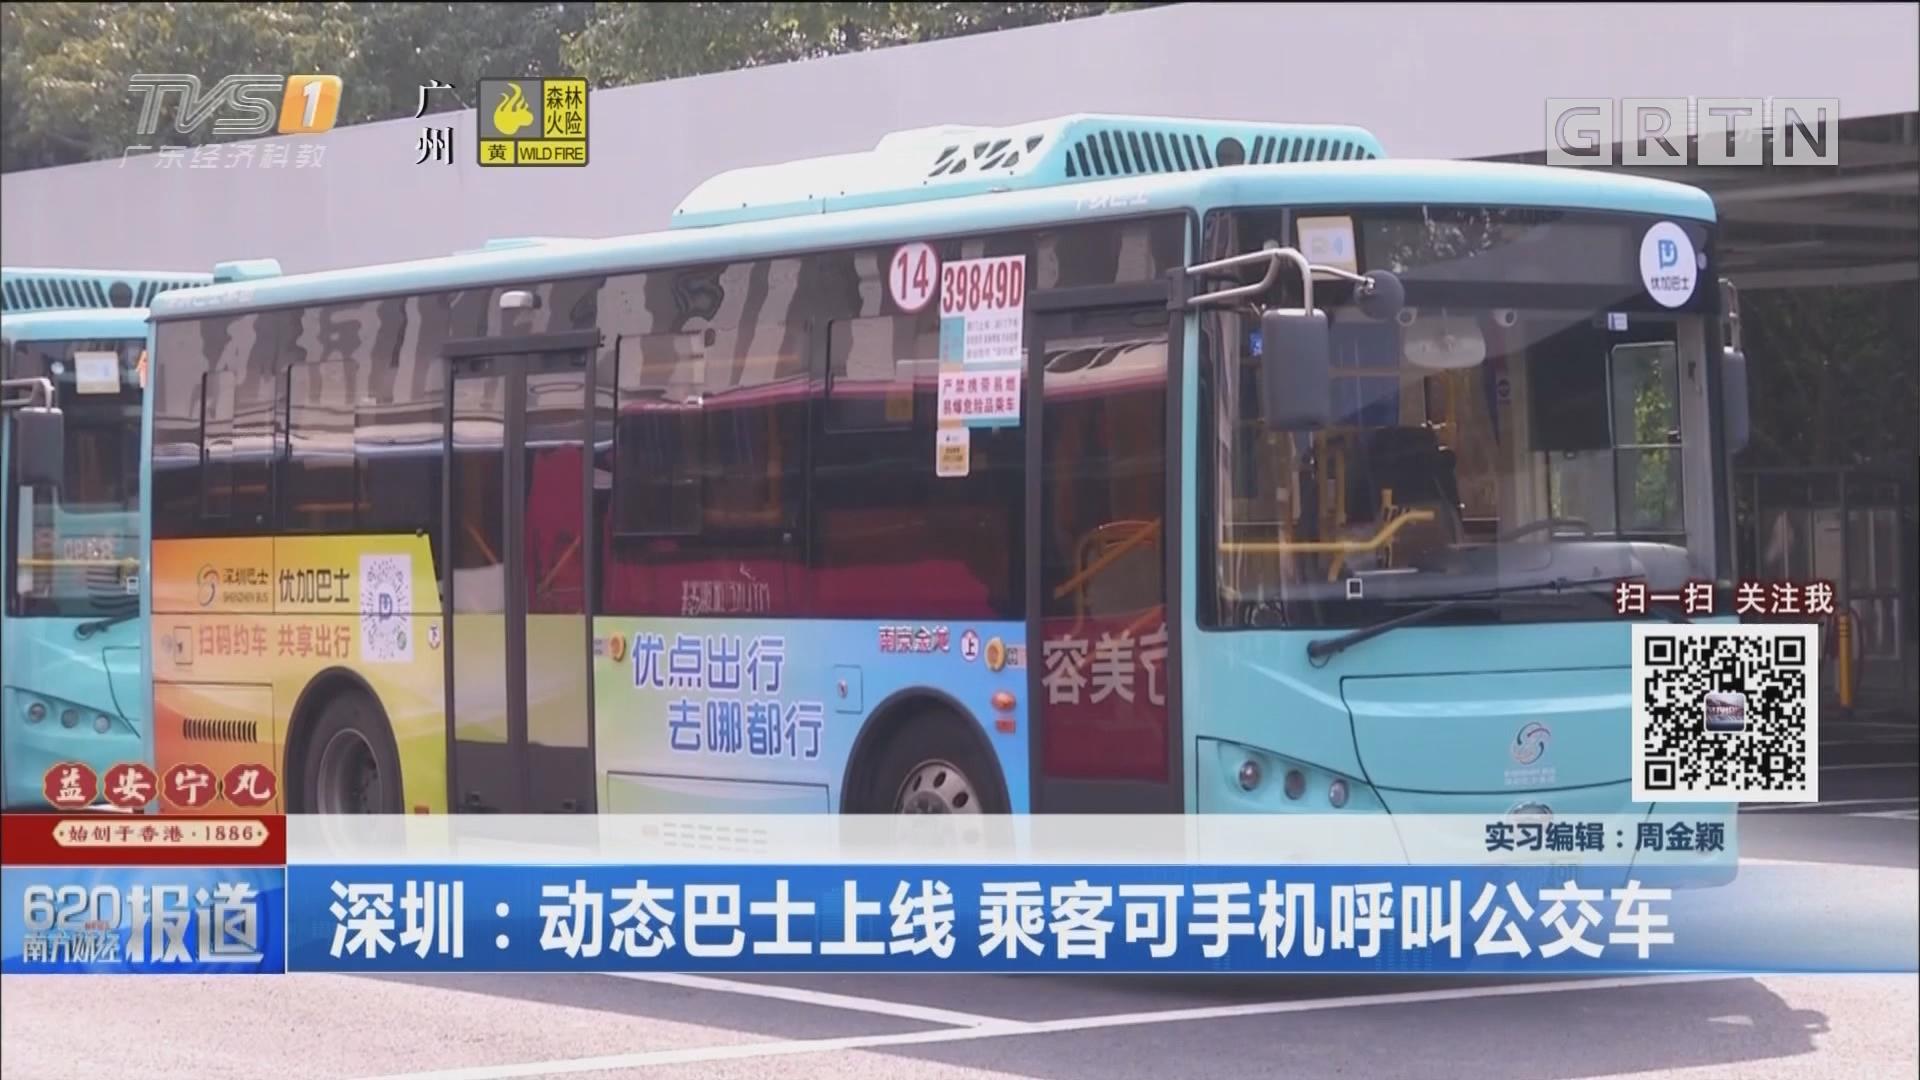 深圳:动态巴士上线 乘客可手机呼叫公交车